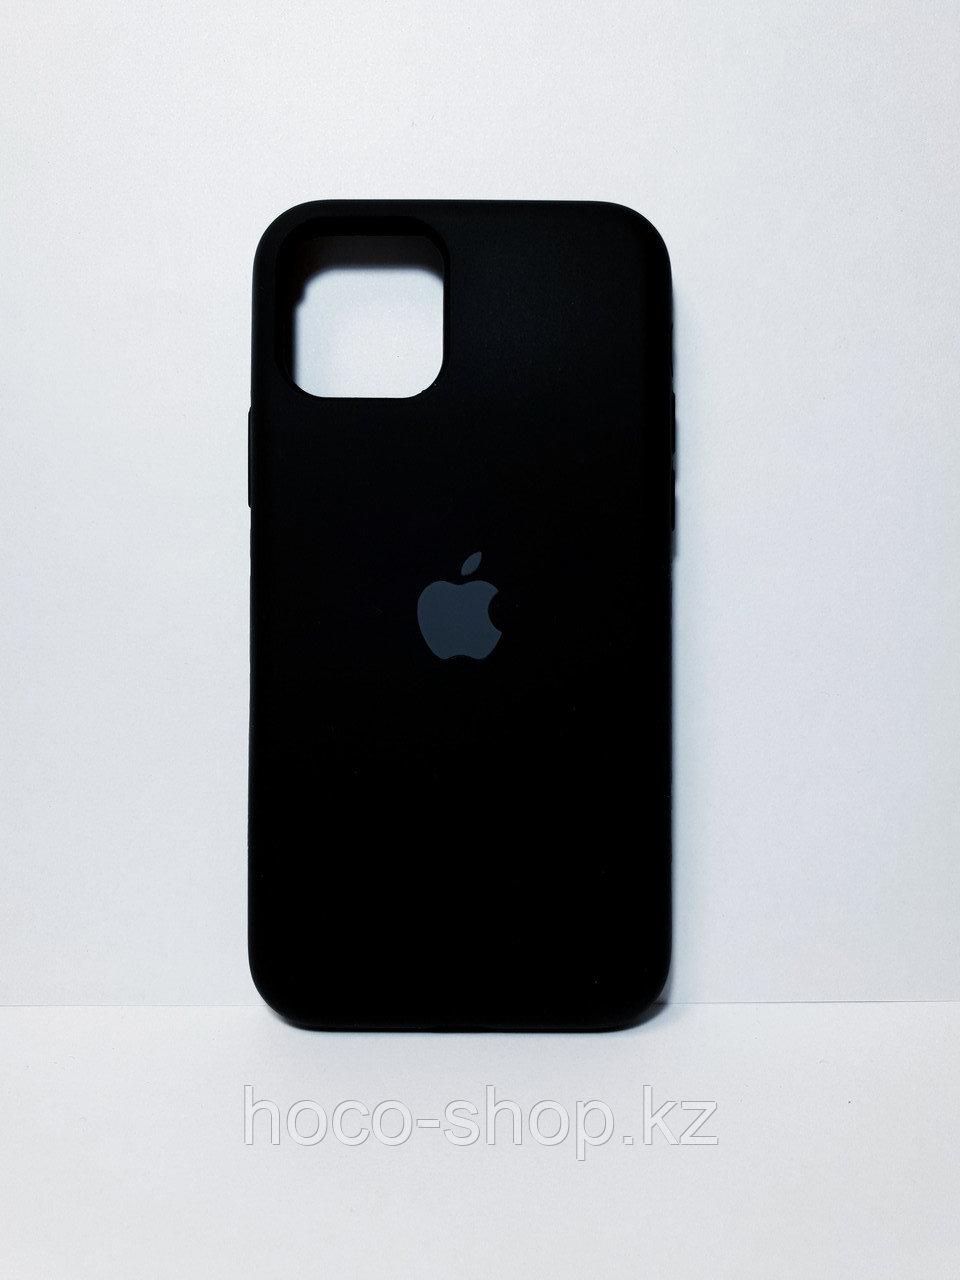 Защитный чехол для iPhone 11 Pro Soft Touch силиконовый, черный